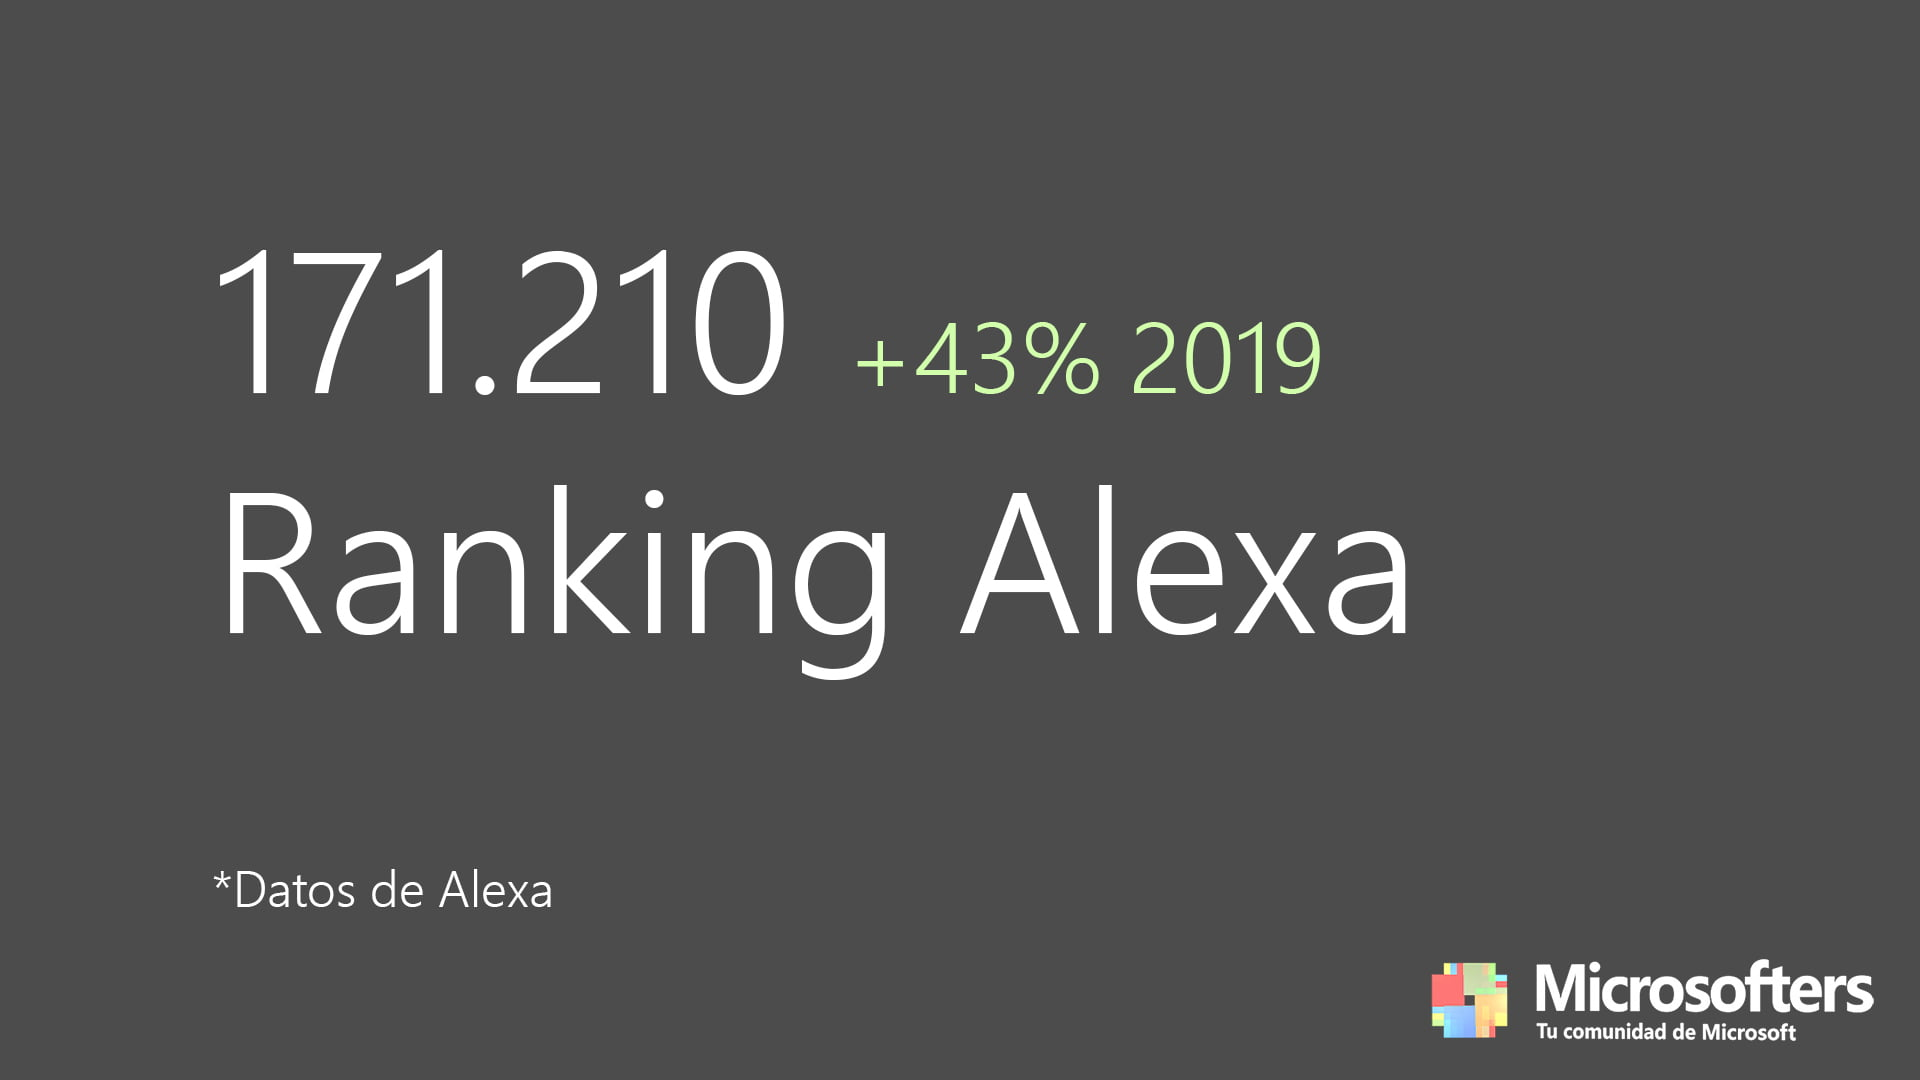 Puesto 171.210 en el ranking Alexa